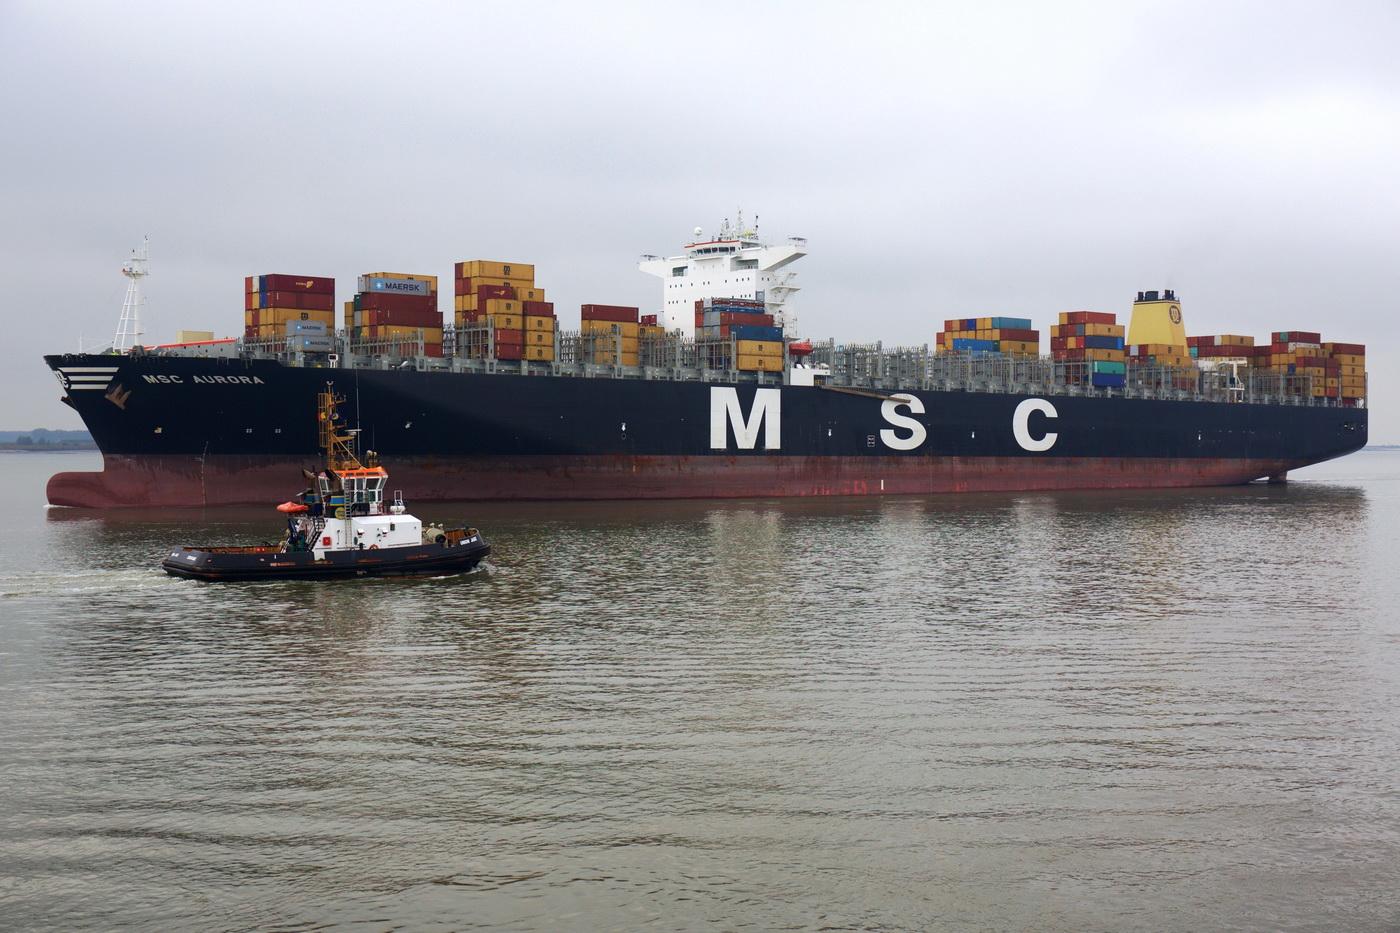 Jedan od kontejnerasa kompanije MSC za koju plove brojni nasi pomorci